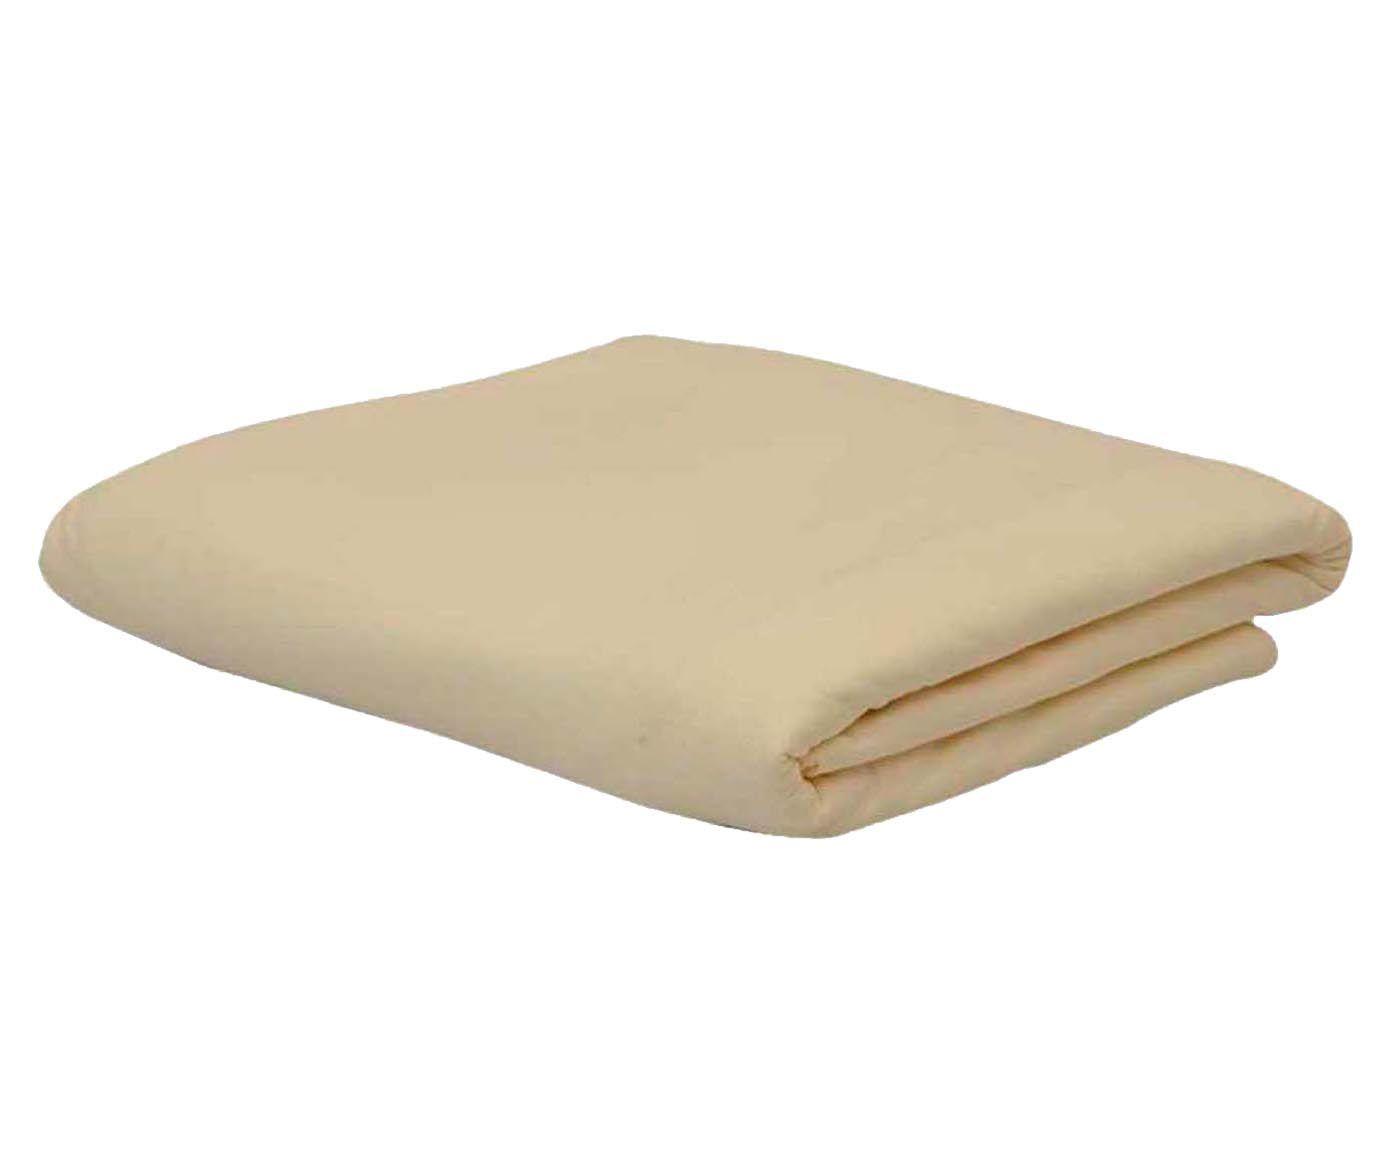 Lençol cosmos lana - cama de solteiro | Westwing.com.br